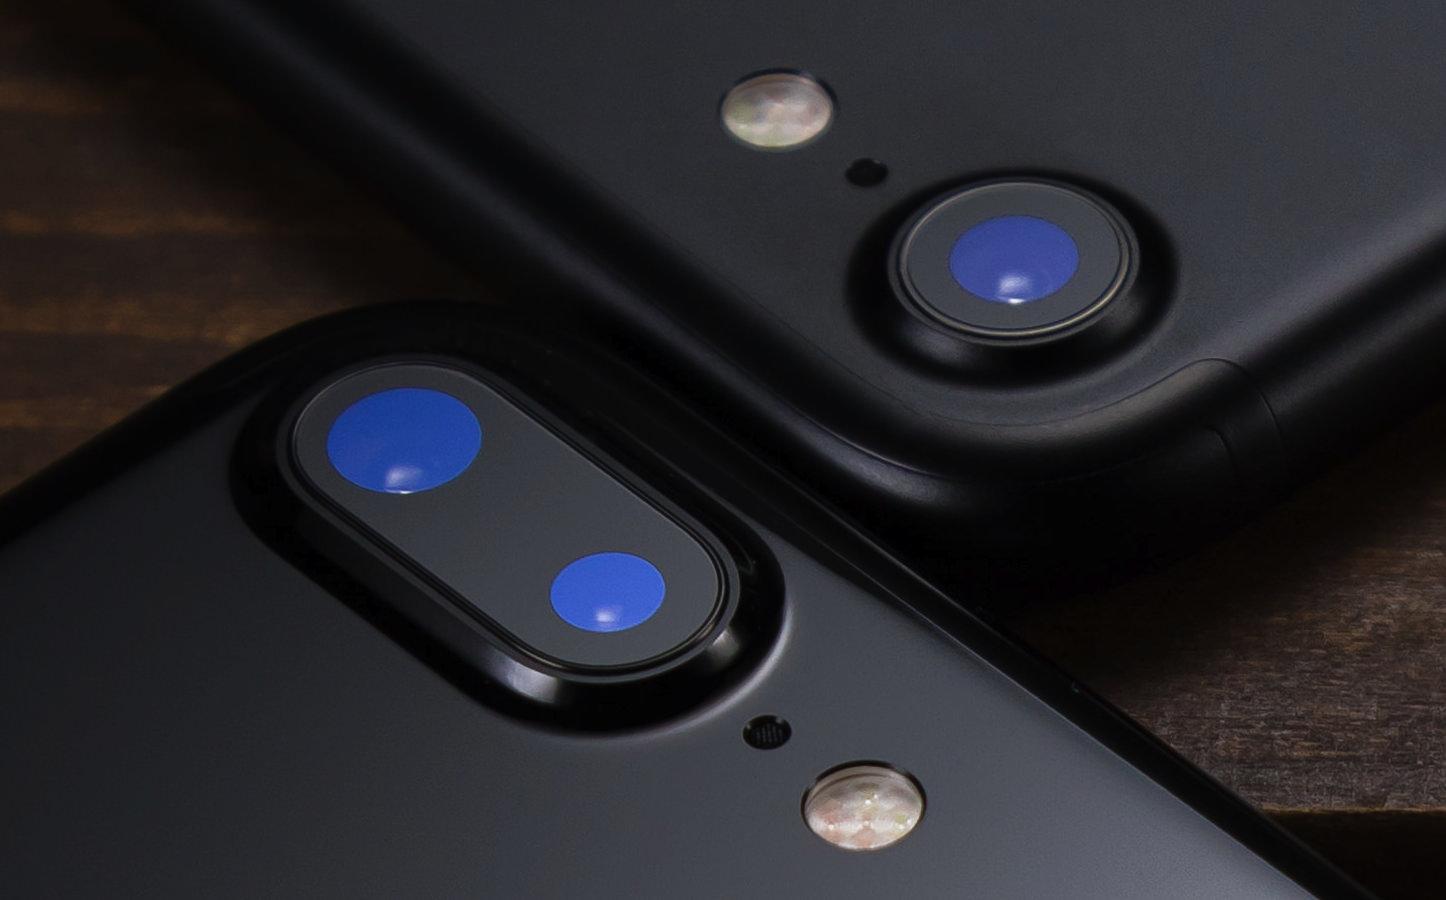 「iOS 10.2 Beta」、スクショ音を消音化することが可能に